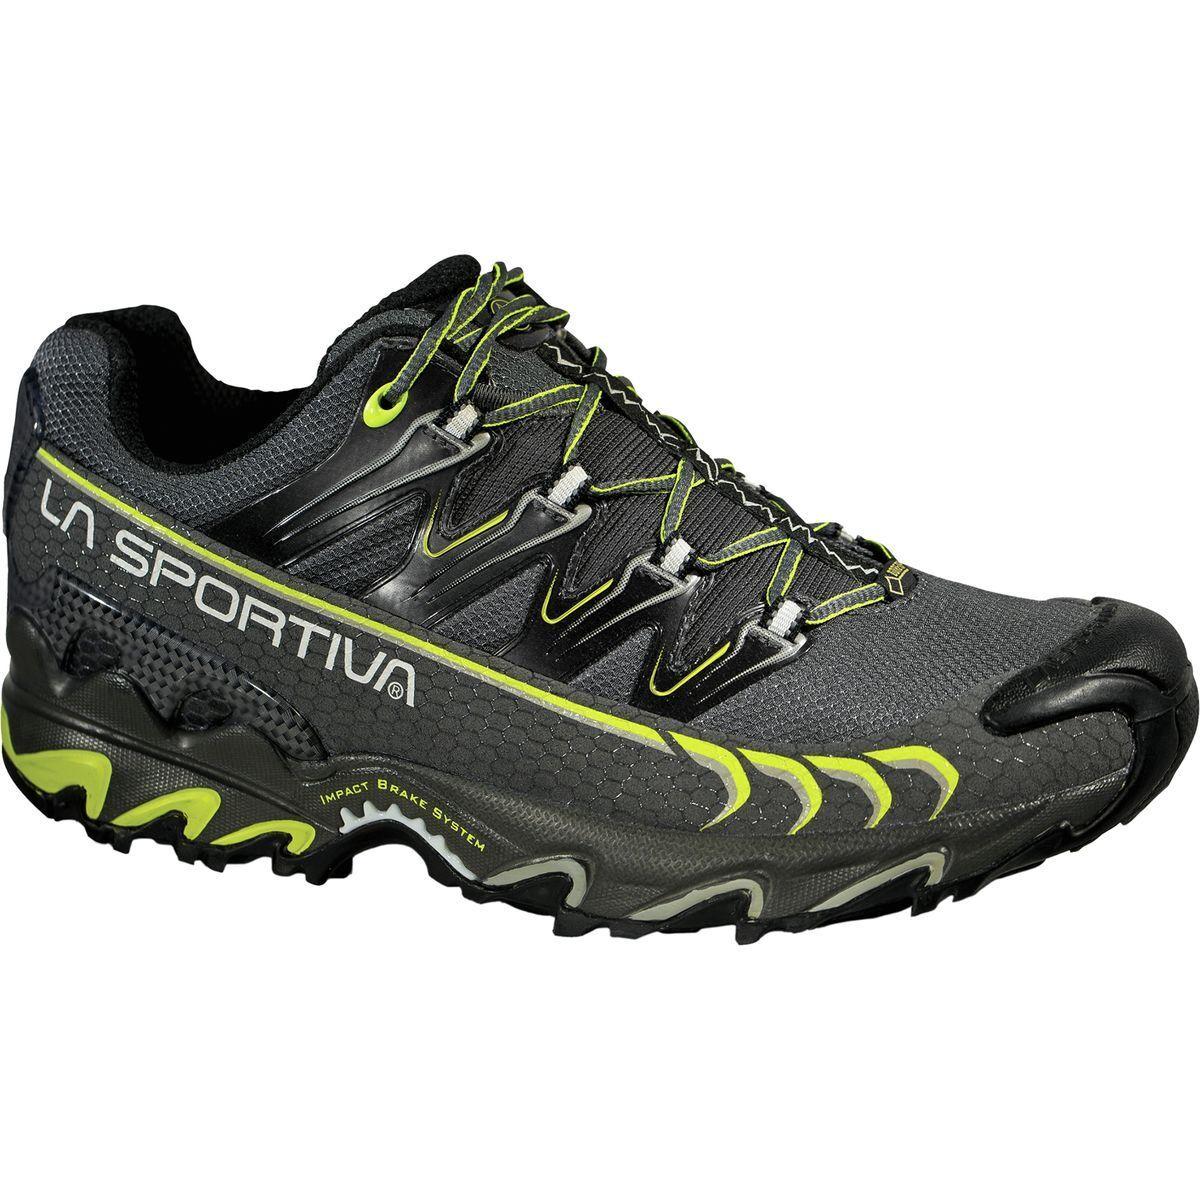 ffea4945b74 La Sportiva Ultra Raptor GTX Running shoes - Men s nsedbd5552 ...